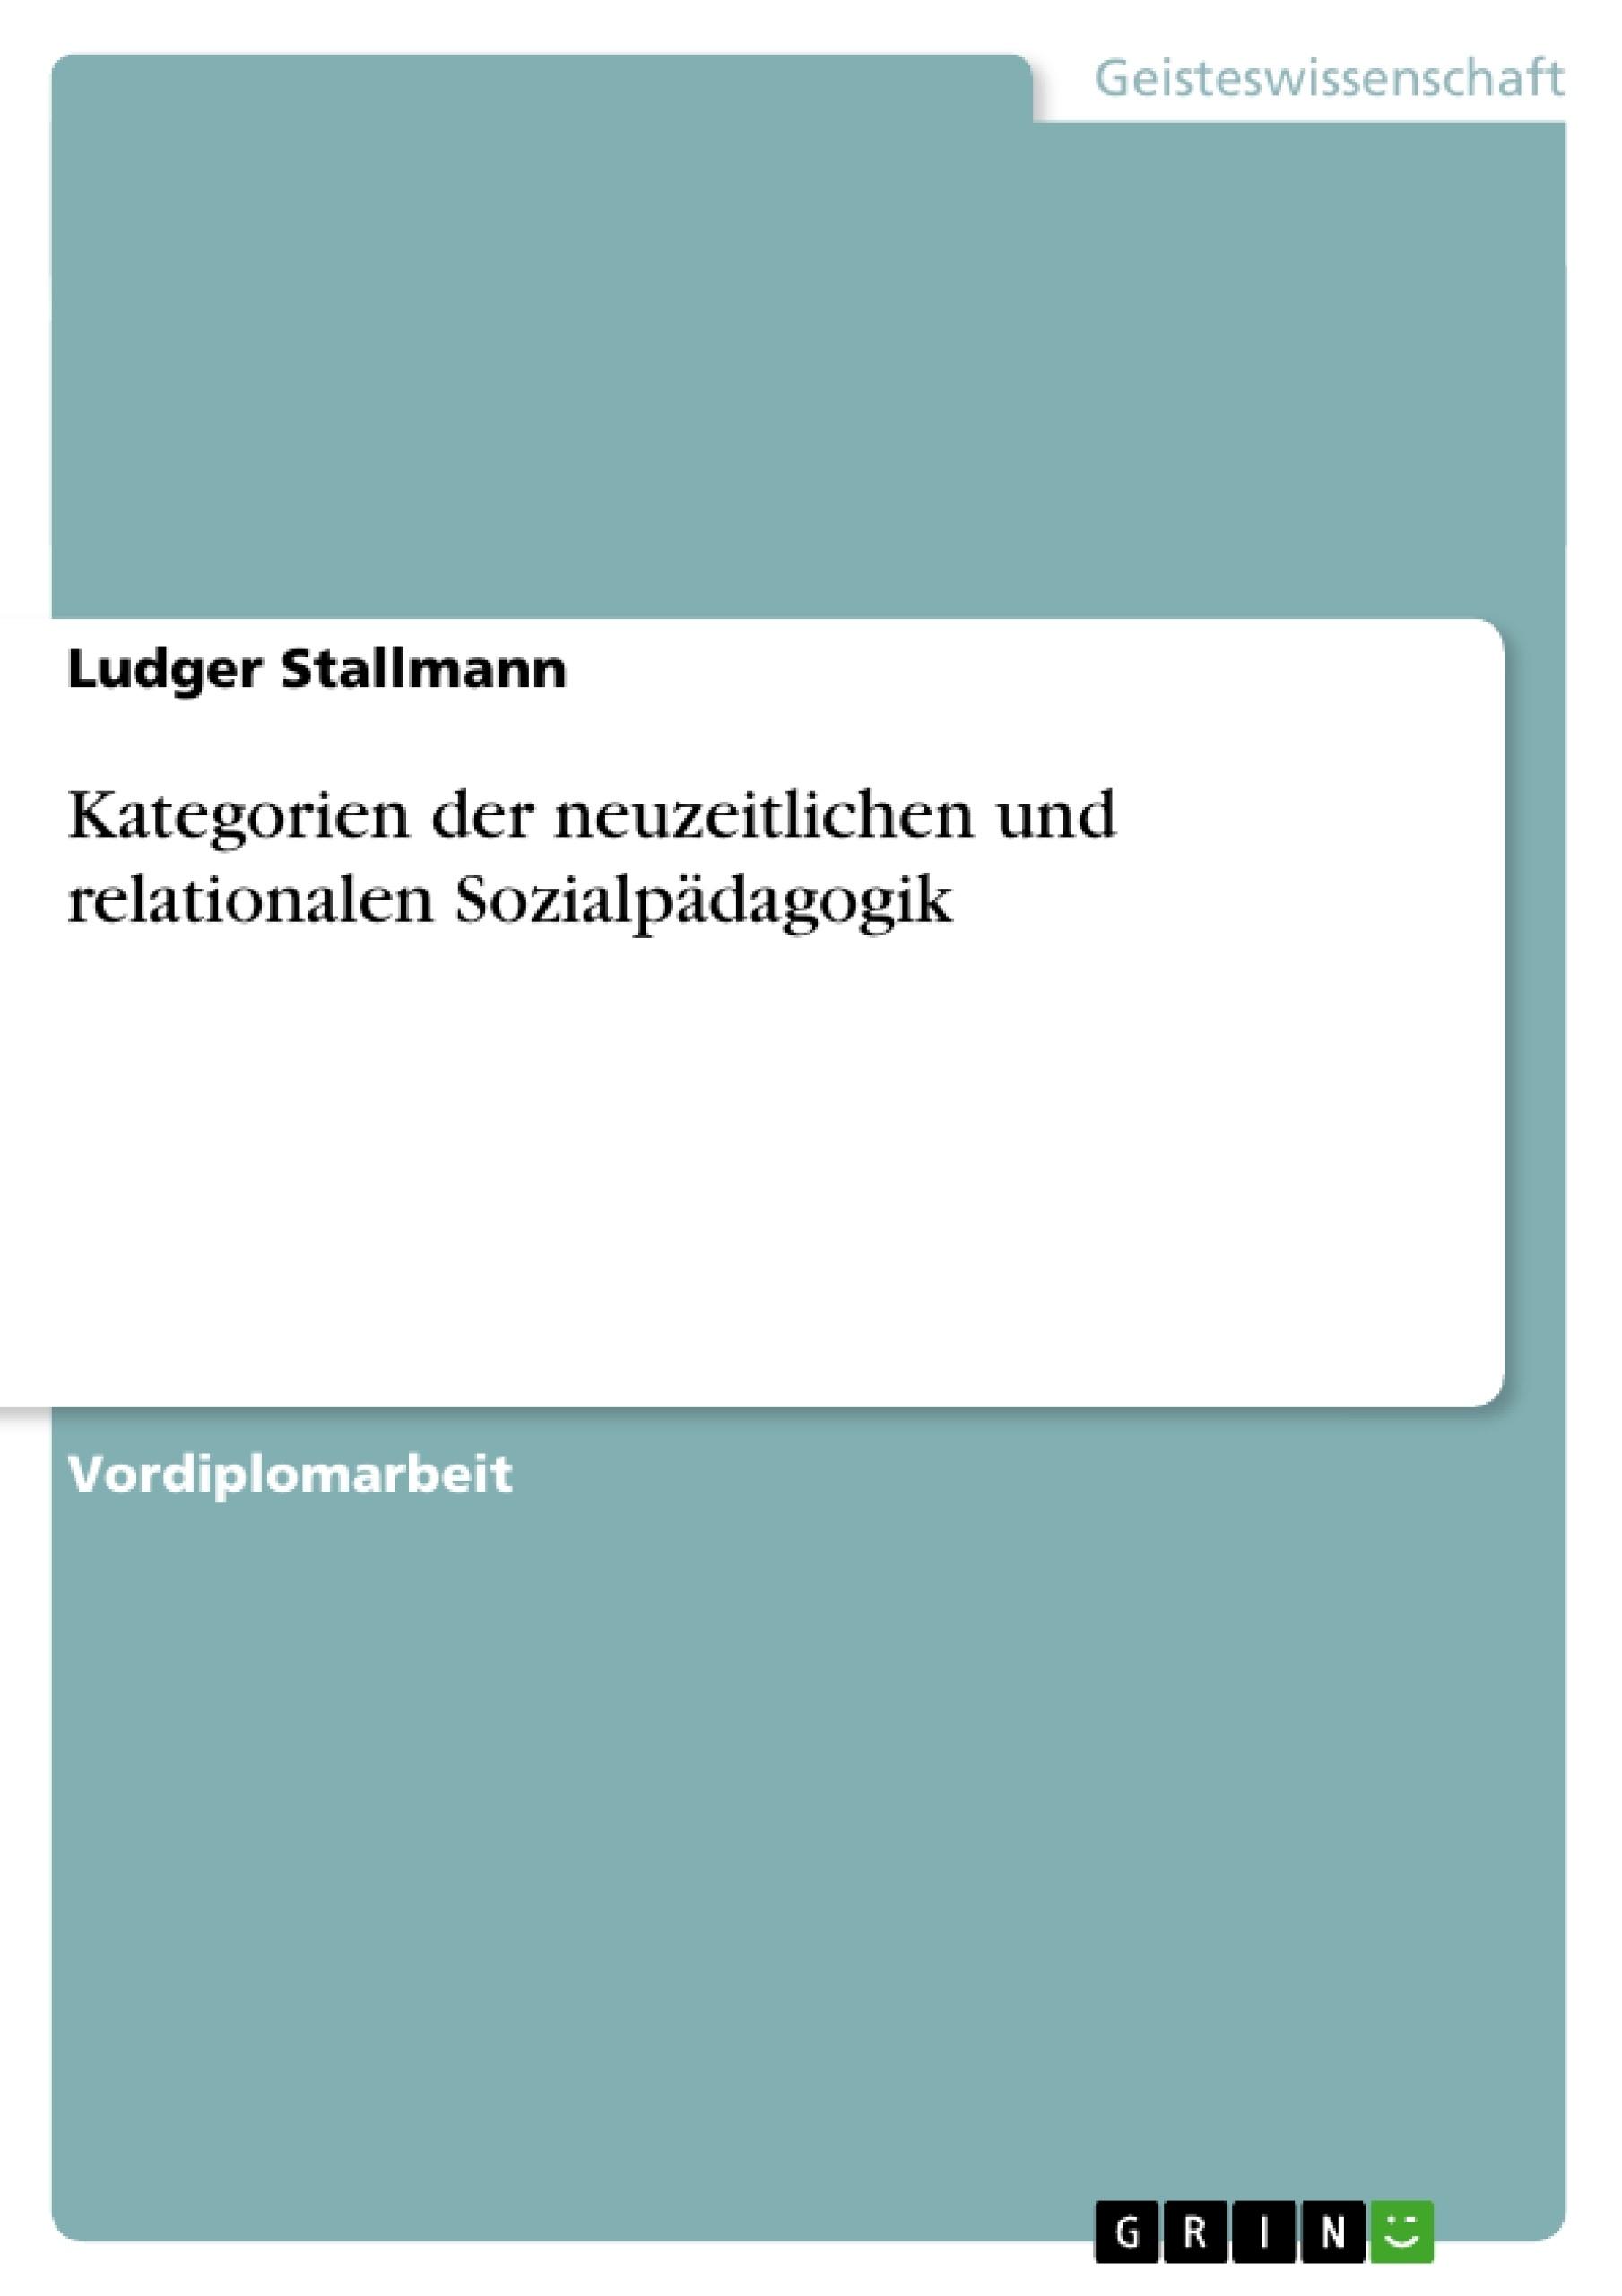 Titel: Kategorien der neuzeitlichen und relationalen Sozialpädagogik